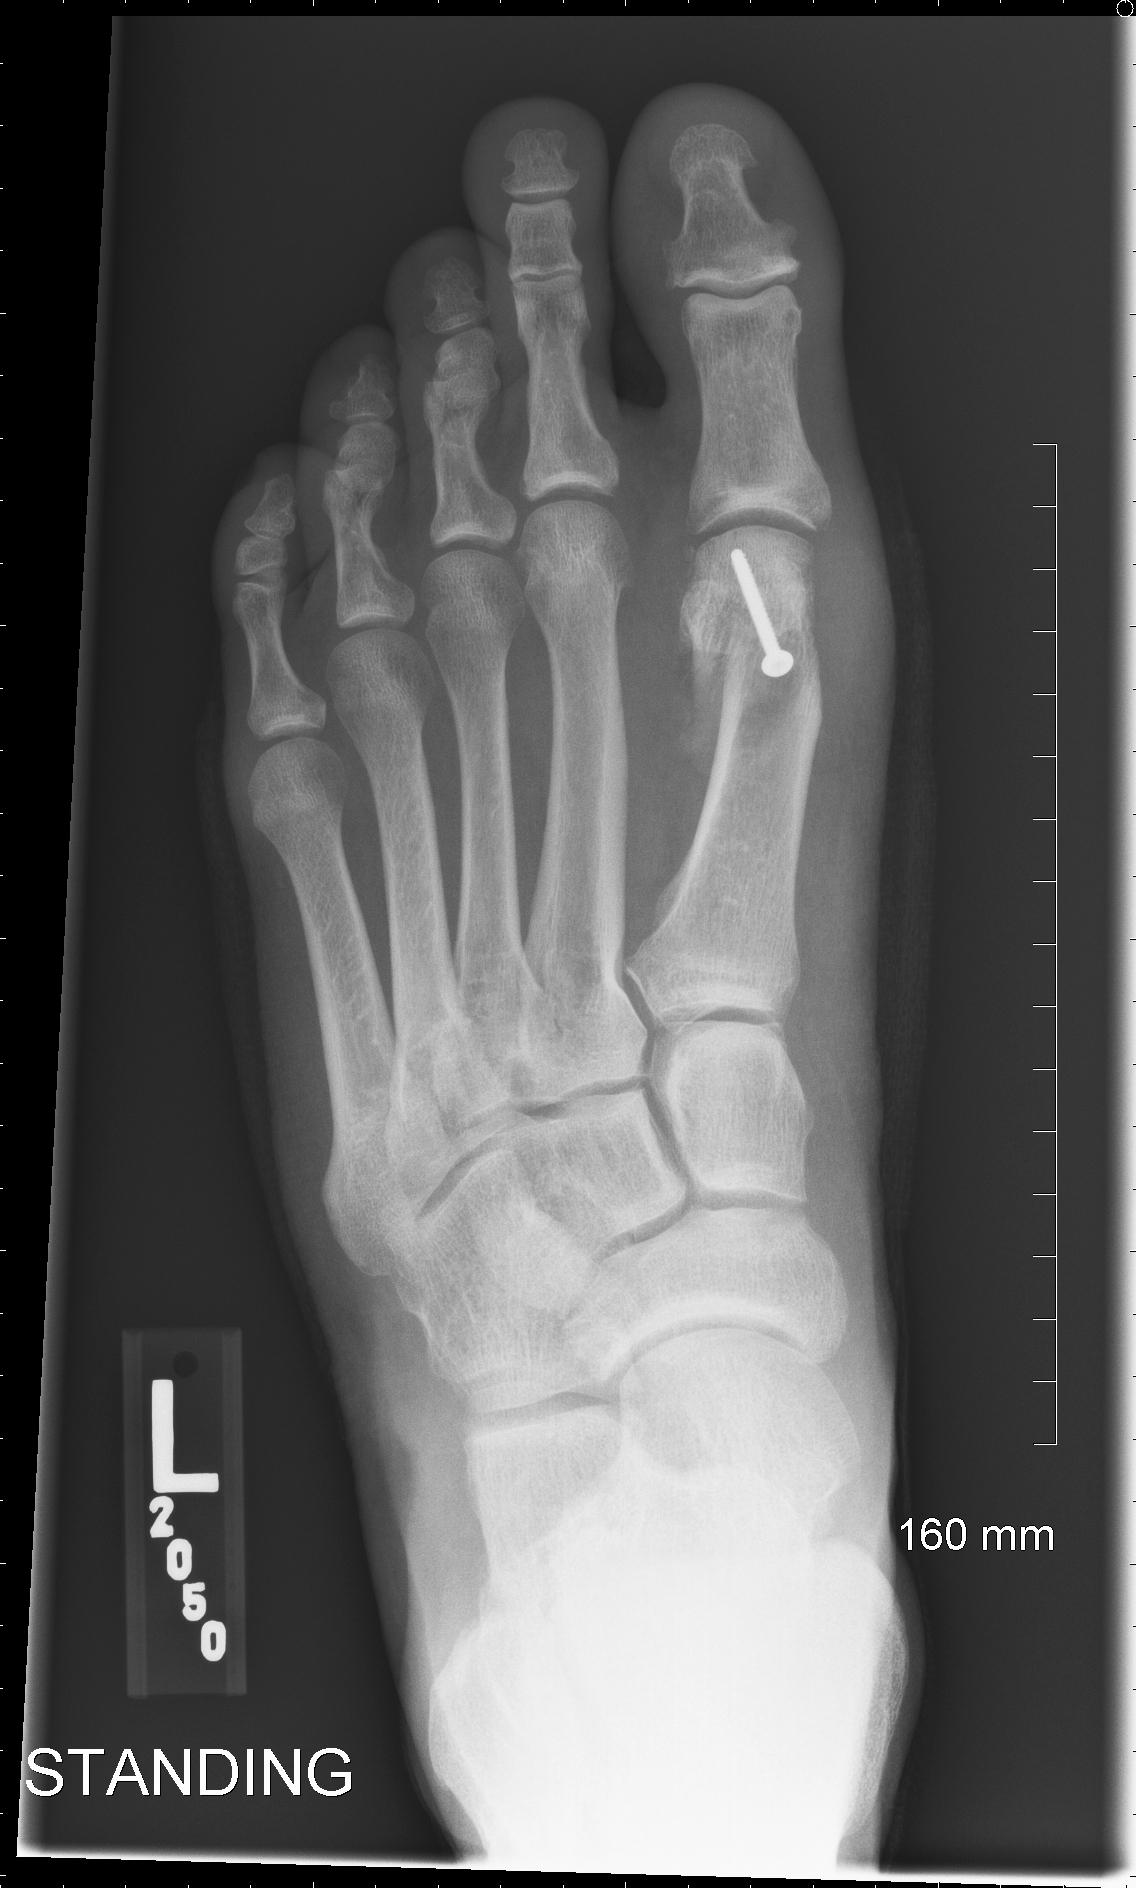 Bunion X Rays